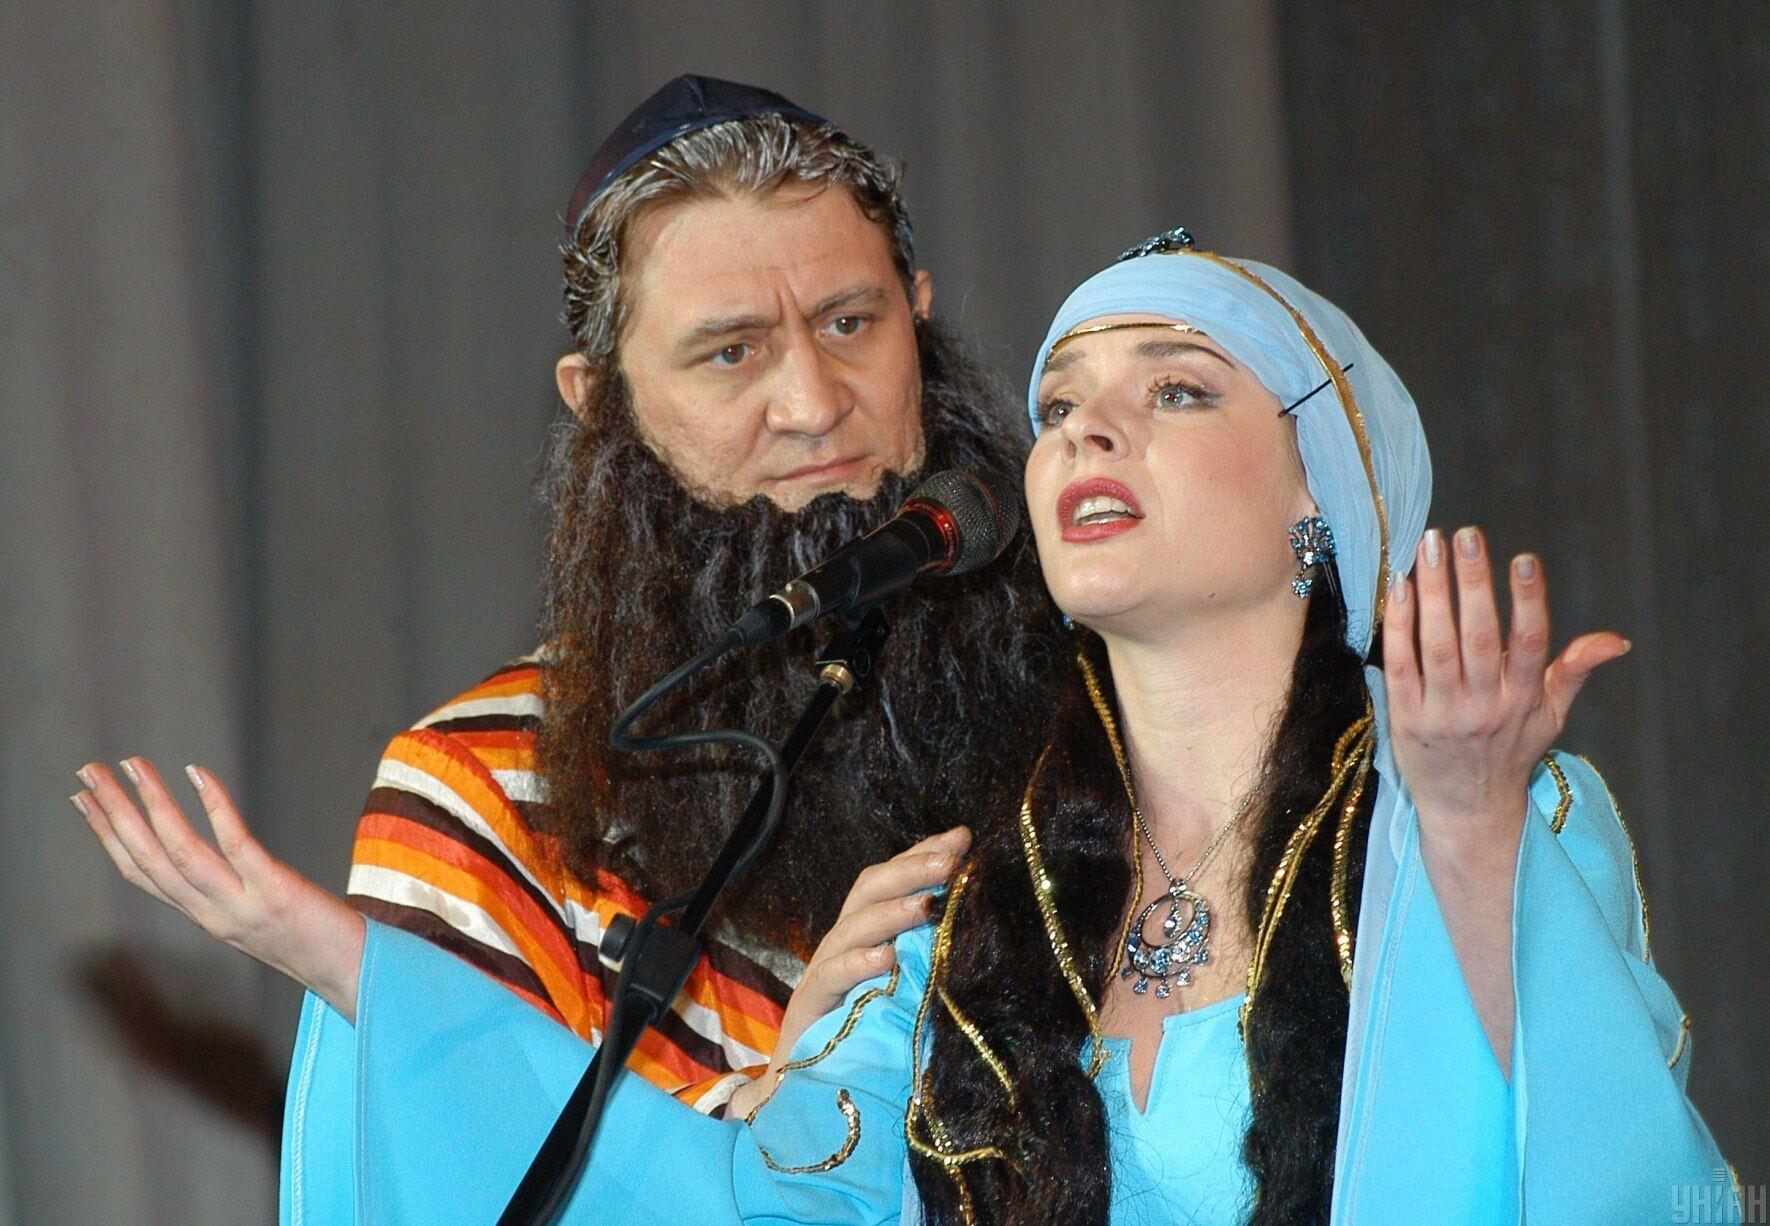 Пуримшпіль – вистава, у якій розігрують біблійний епізод про порятунок євреїв